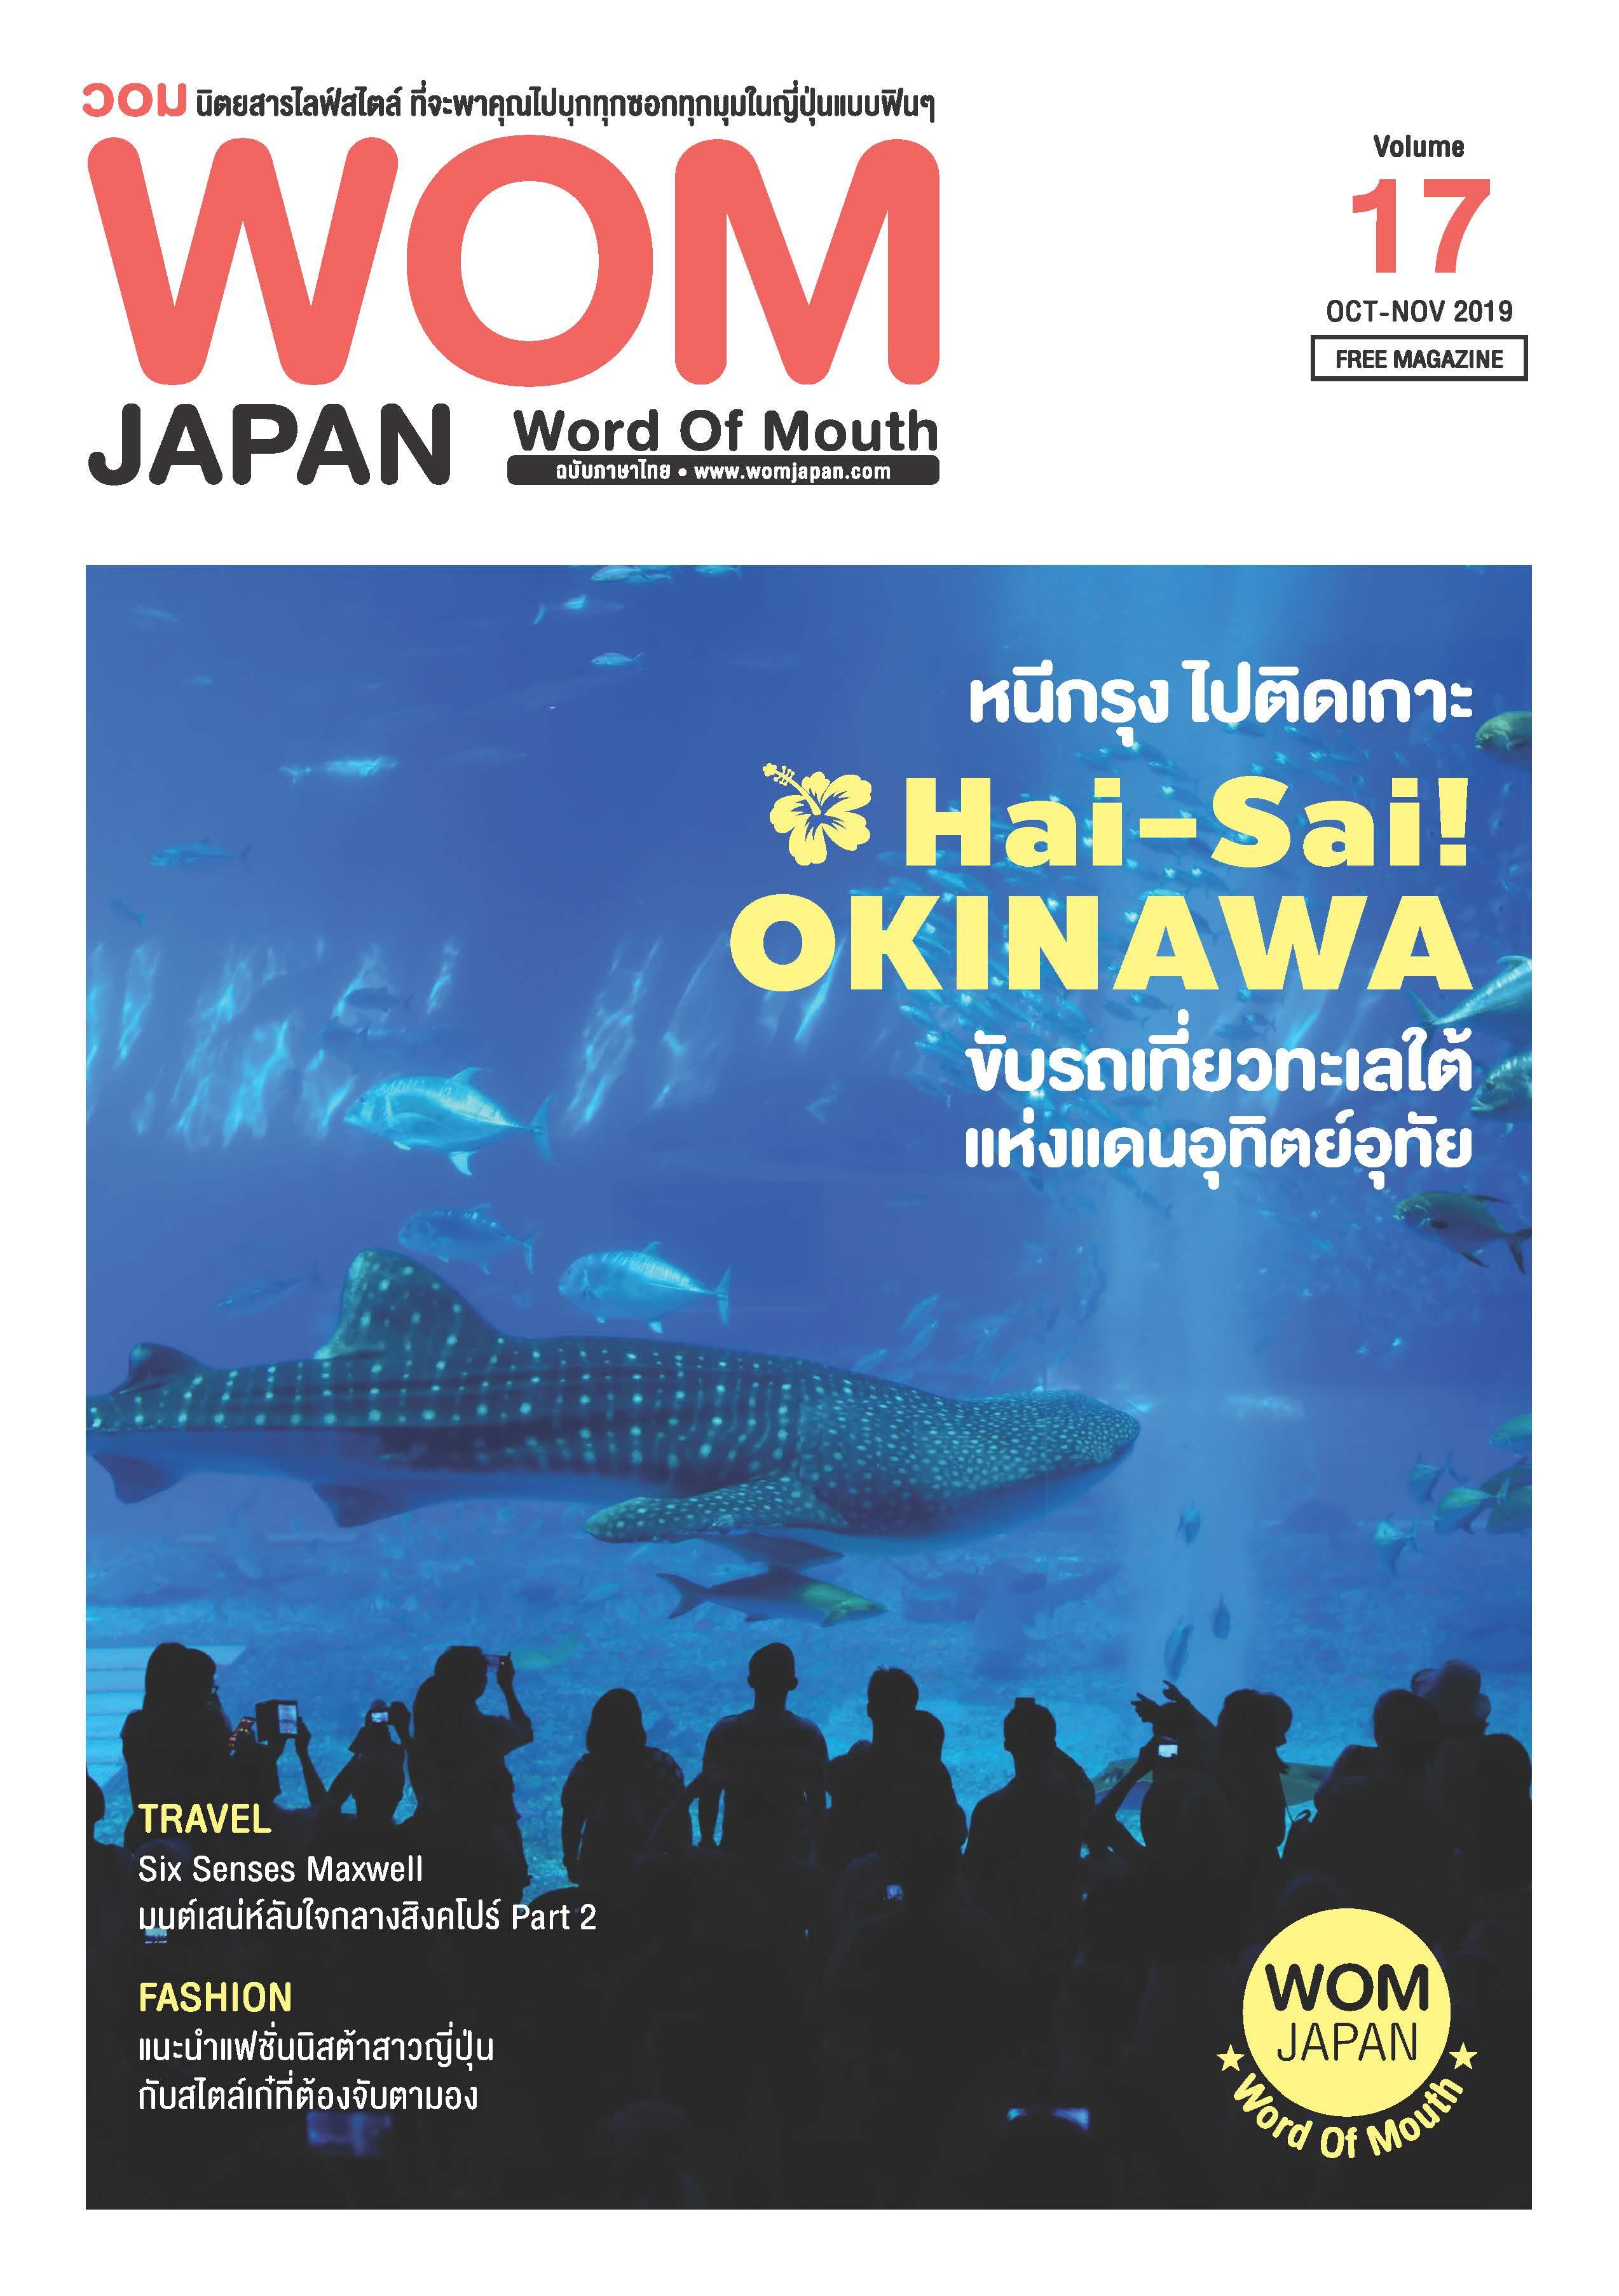 VOL.17 หนีกรุง ไปติดเกาะ Hai-Sai! Okinawa ขับรถเที่ยวทะเลใต้แห่งแดนอาทิตย์อุทัย